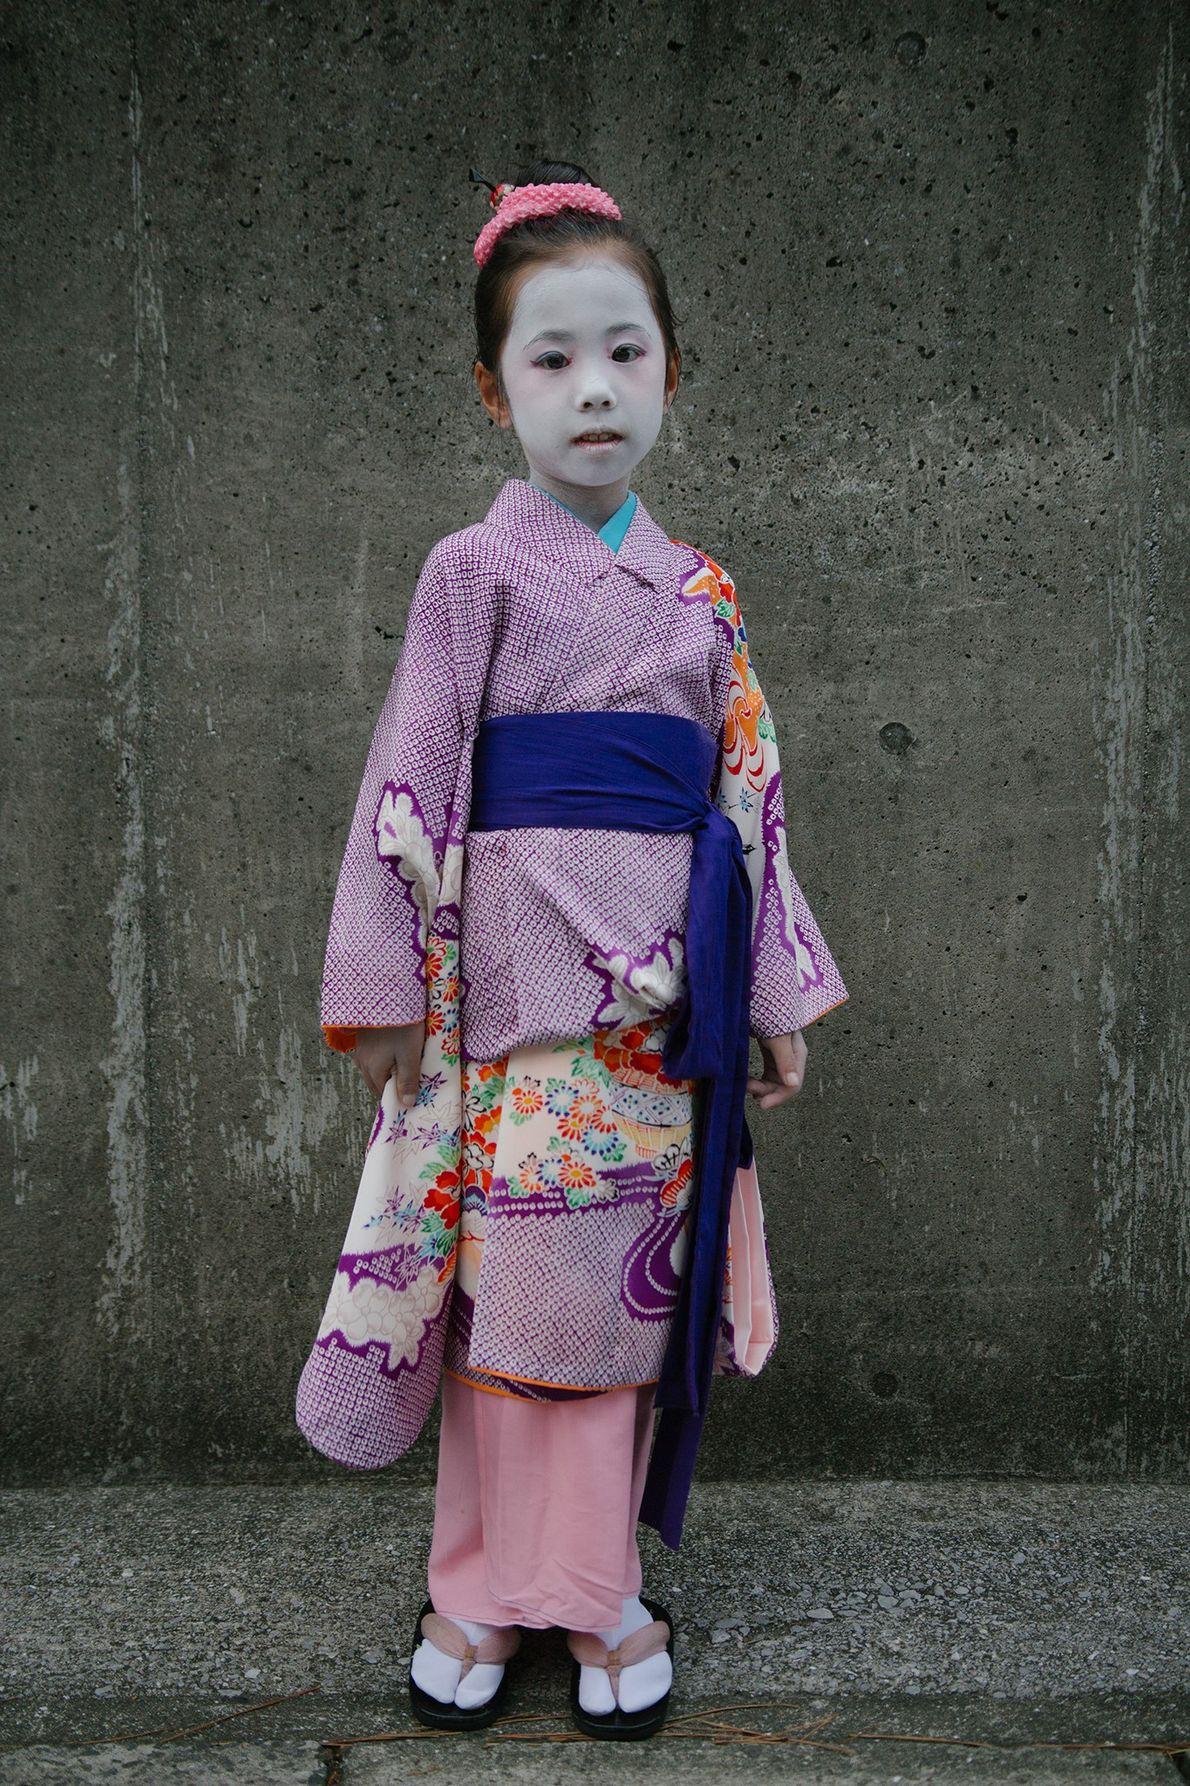 Als Kitsune, Tanuki und Geisha verkleidete Kinder posieren während des O-bon für Fotos.